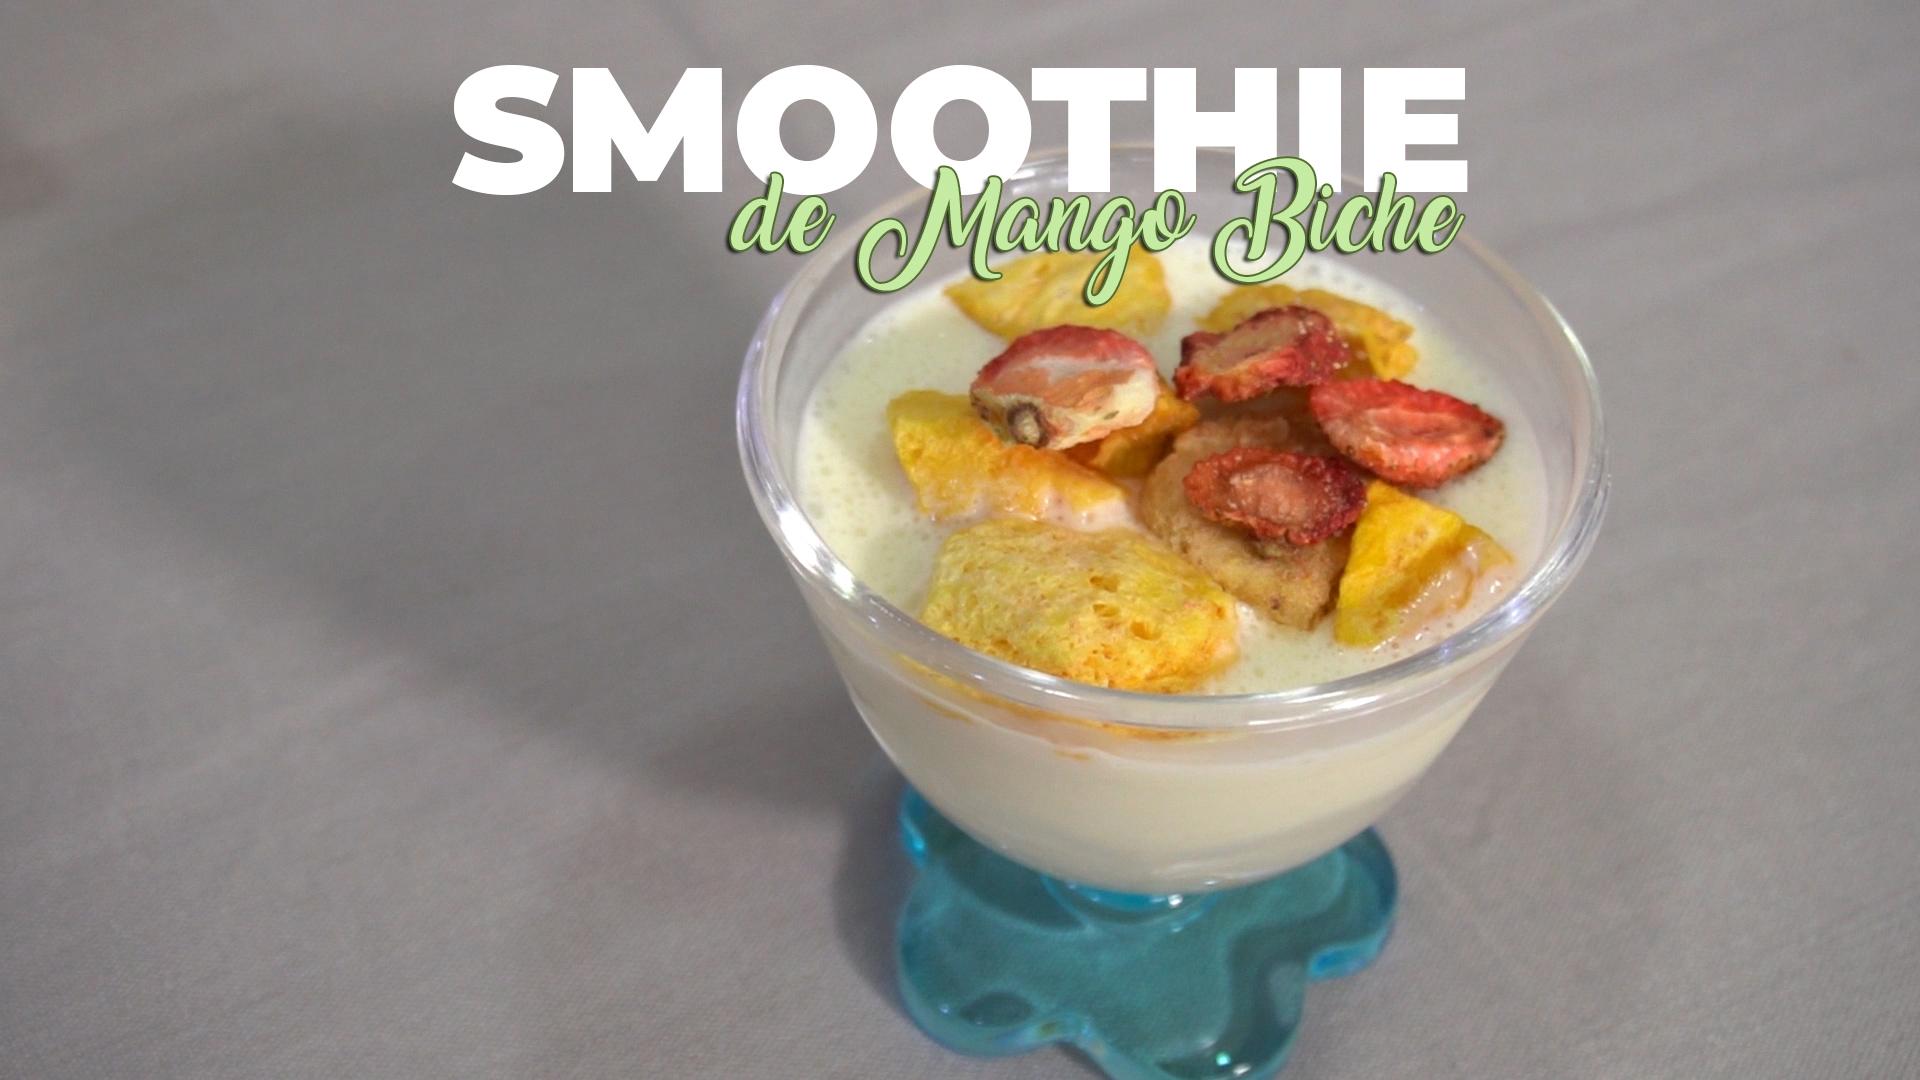 Receta fácil de Smoothie de Mango Biche